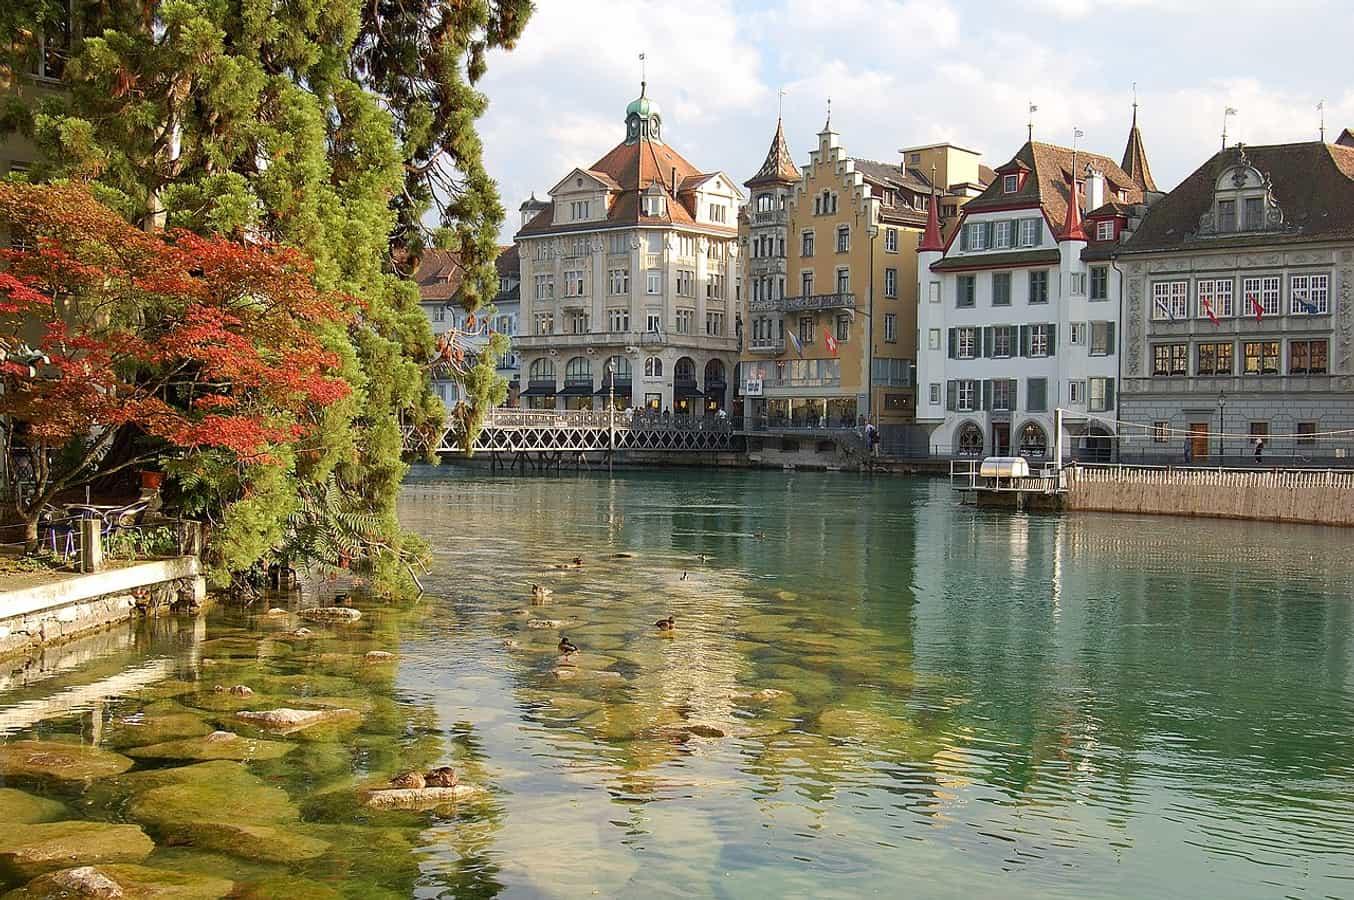 Altstadt von Luzern mit Blick auf den Fluss Reuss